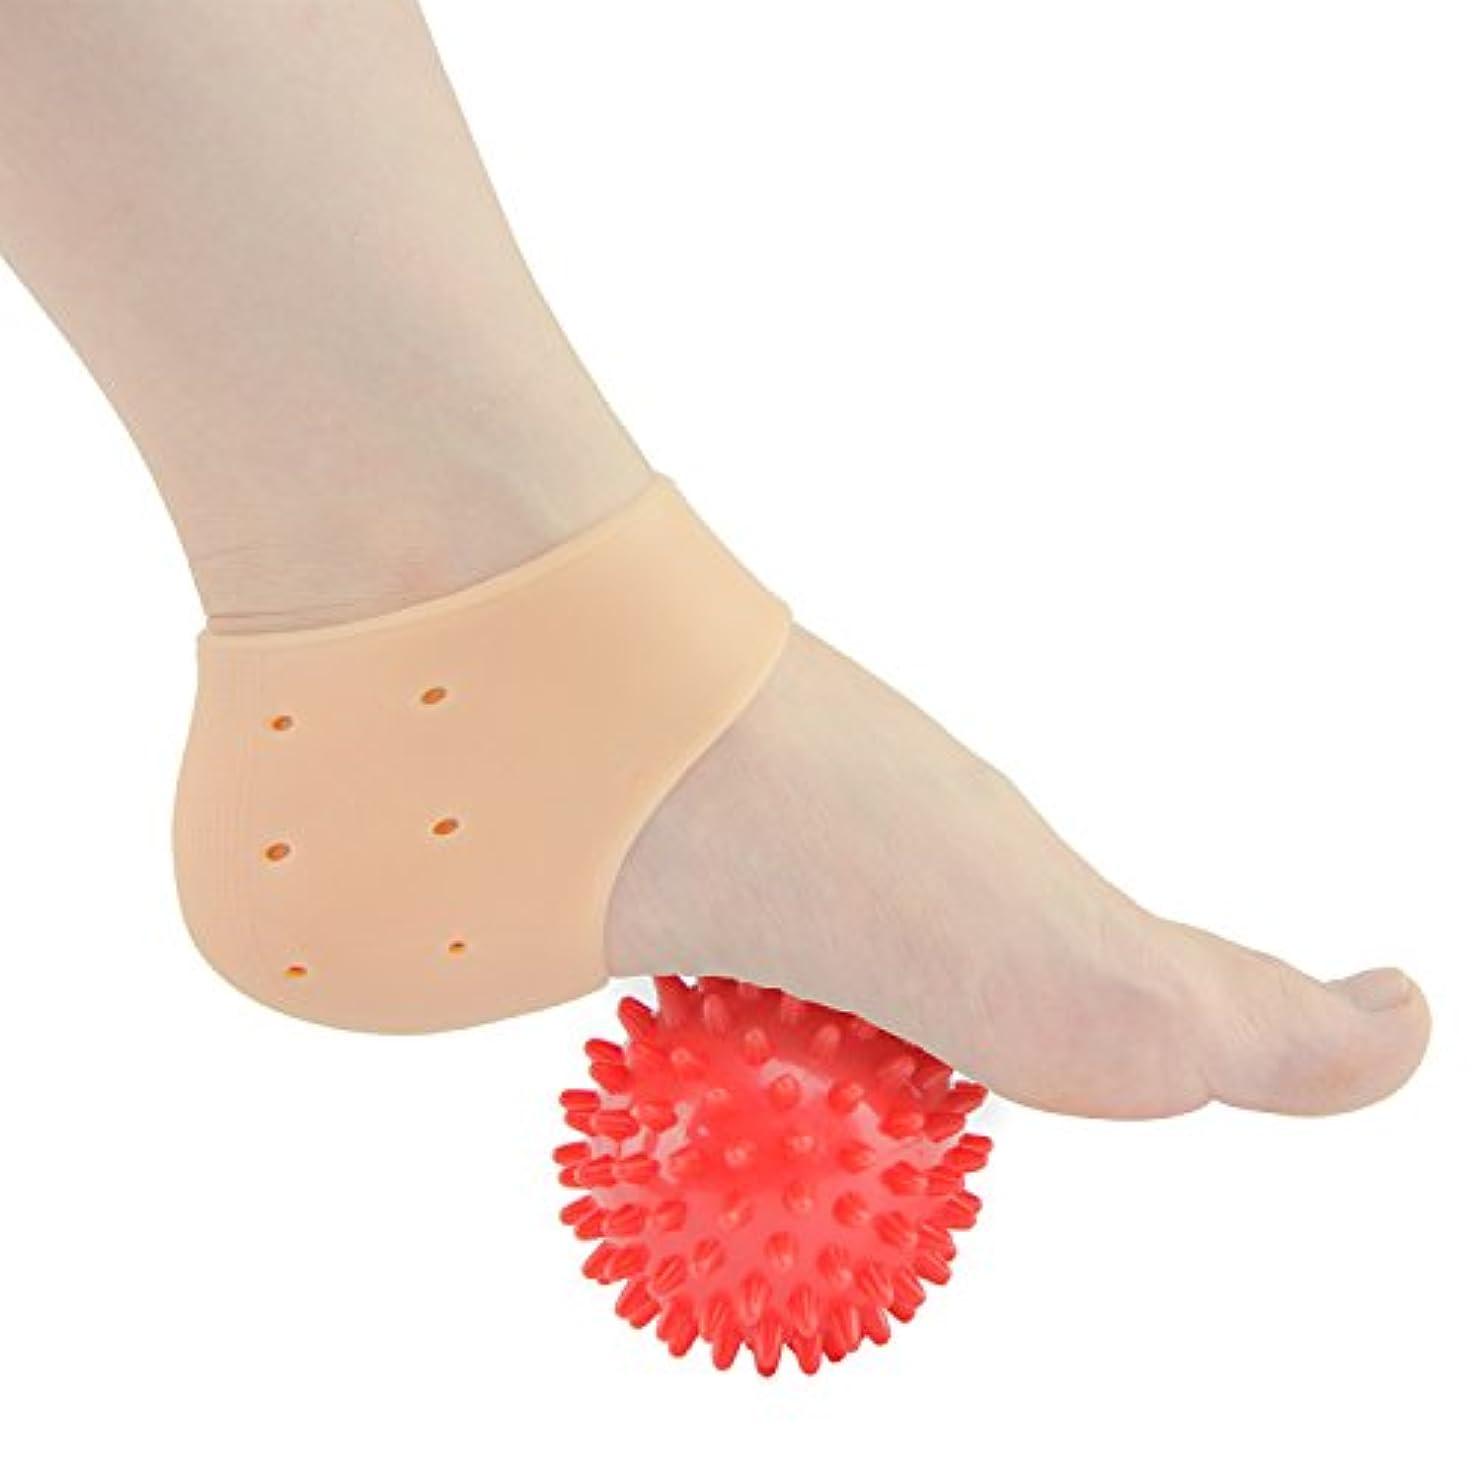 扱う動詞サンダーSumifun かかと保護カバー, 足底筋膜炎治療ラップジェルスリーブフットマッサージ足痛み軽減 かかと痛サポーター 衝撃吸収 ジェルサポーター かかとケア 美足 保湿 かかと靴下